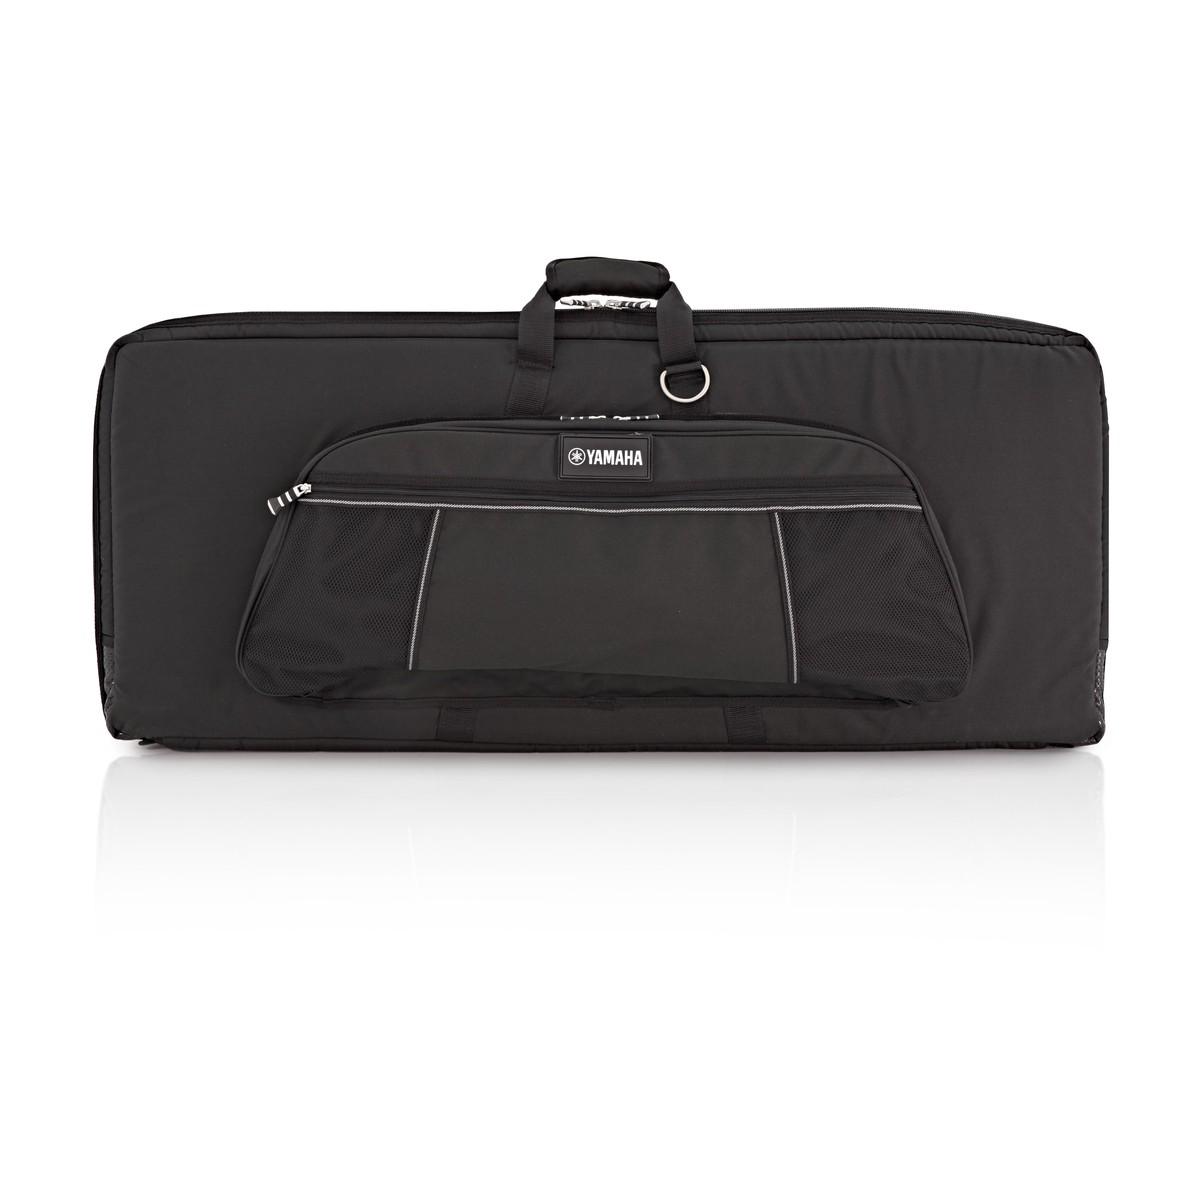 Yamaha montage 7 soft case at for Yamaha montage 8 case